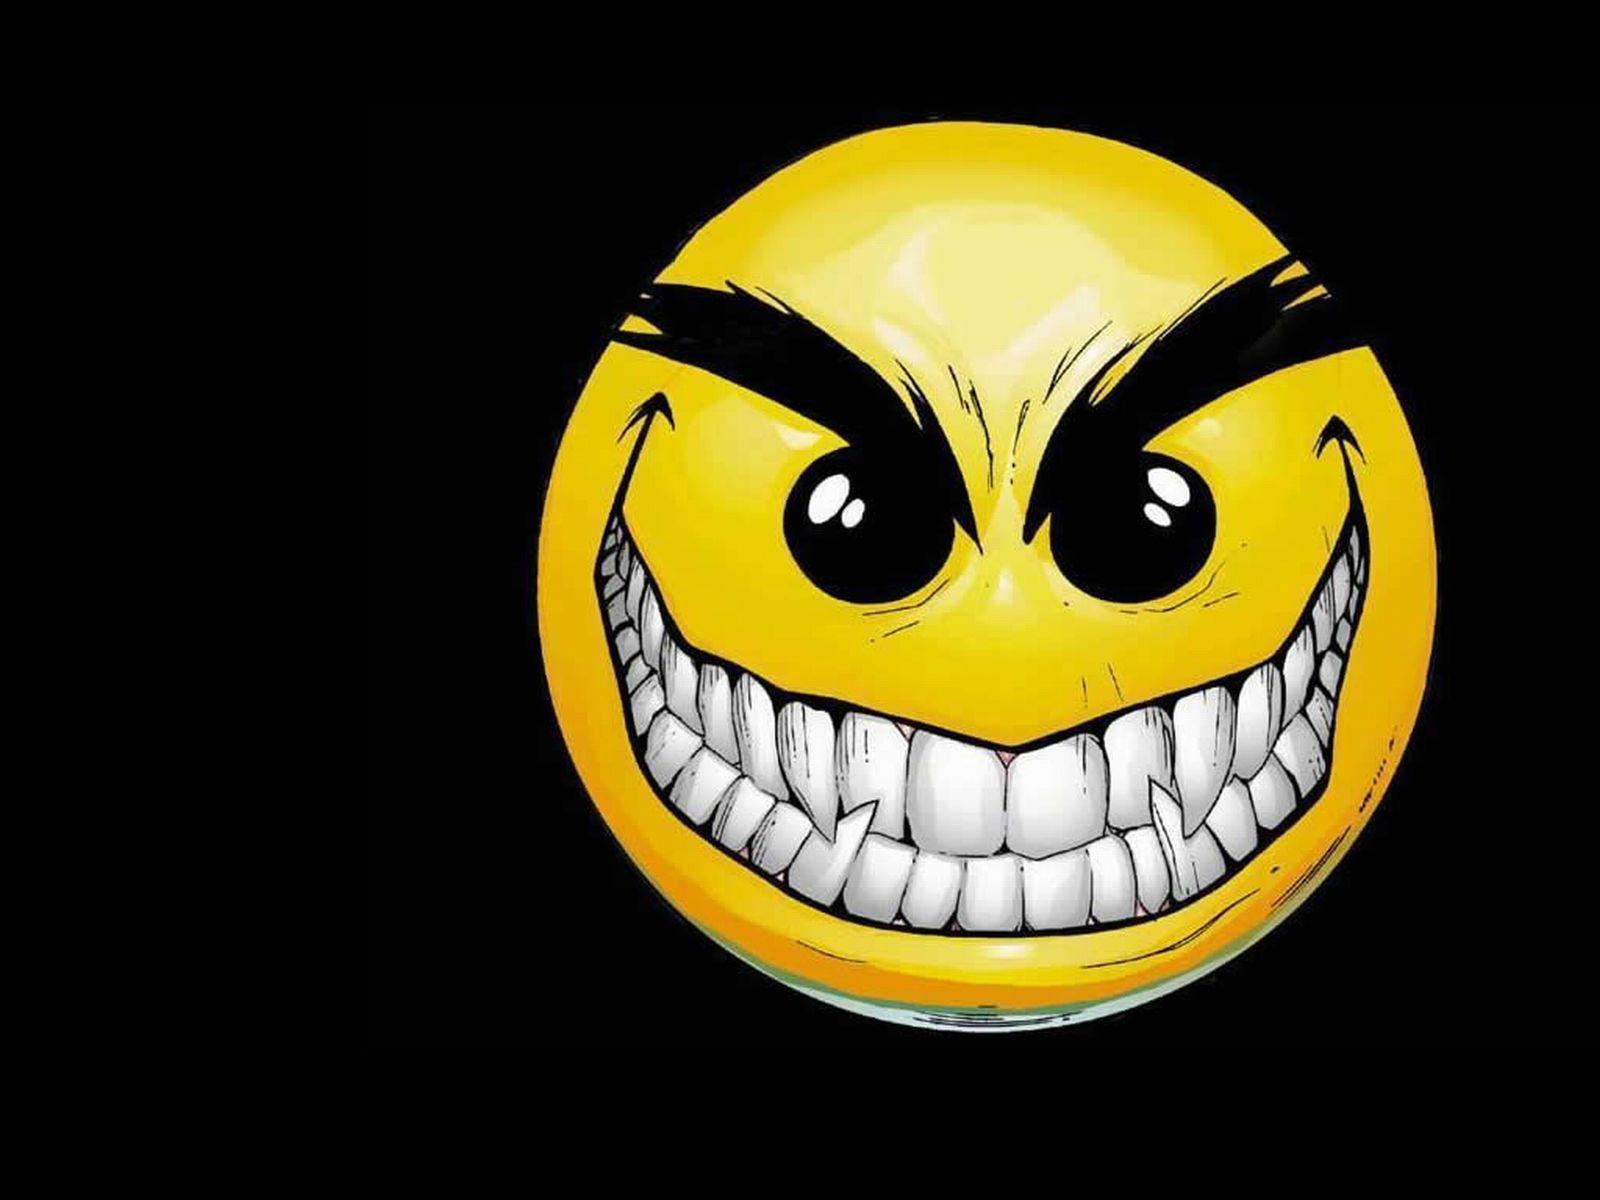 http://2.bp.blogspot.com/_Ic_ocYnC5I4/TRkXfORMSUI/AAAAAAAAAXI/OFMgBeiIVj4/s1600/smiley-face-wallpaper-008.jpg